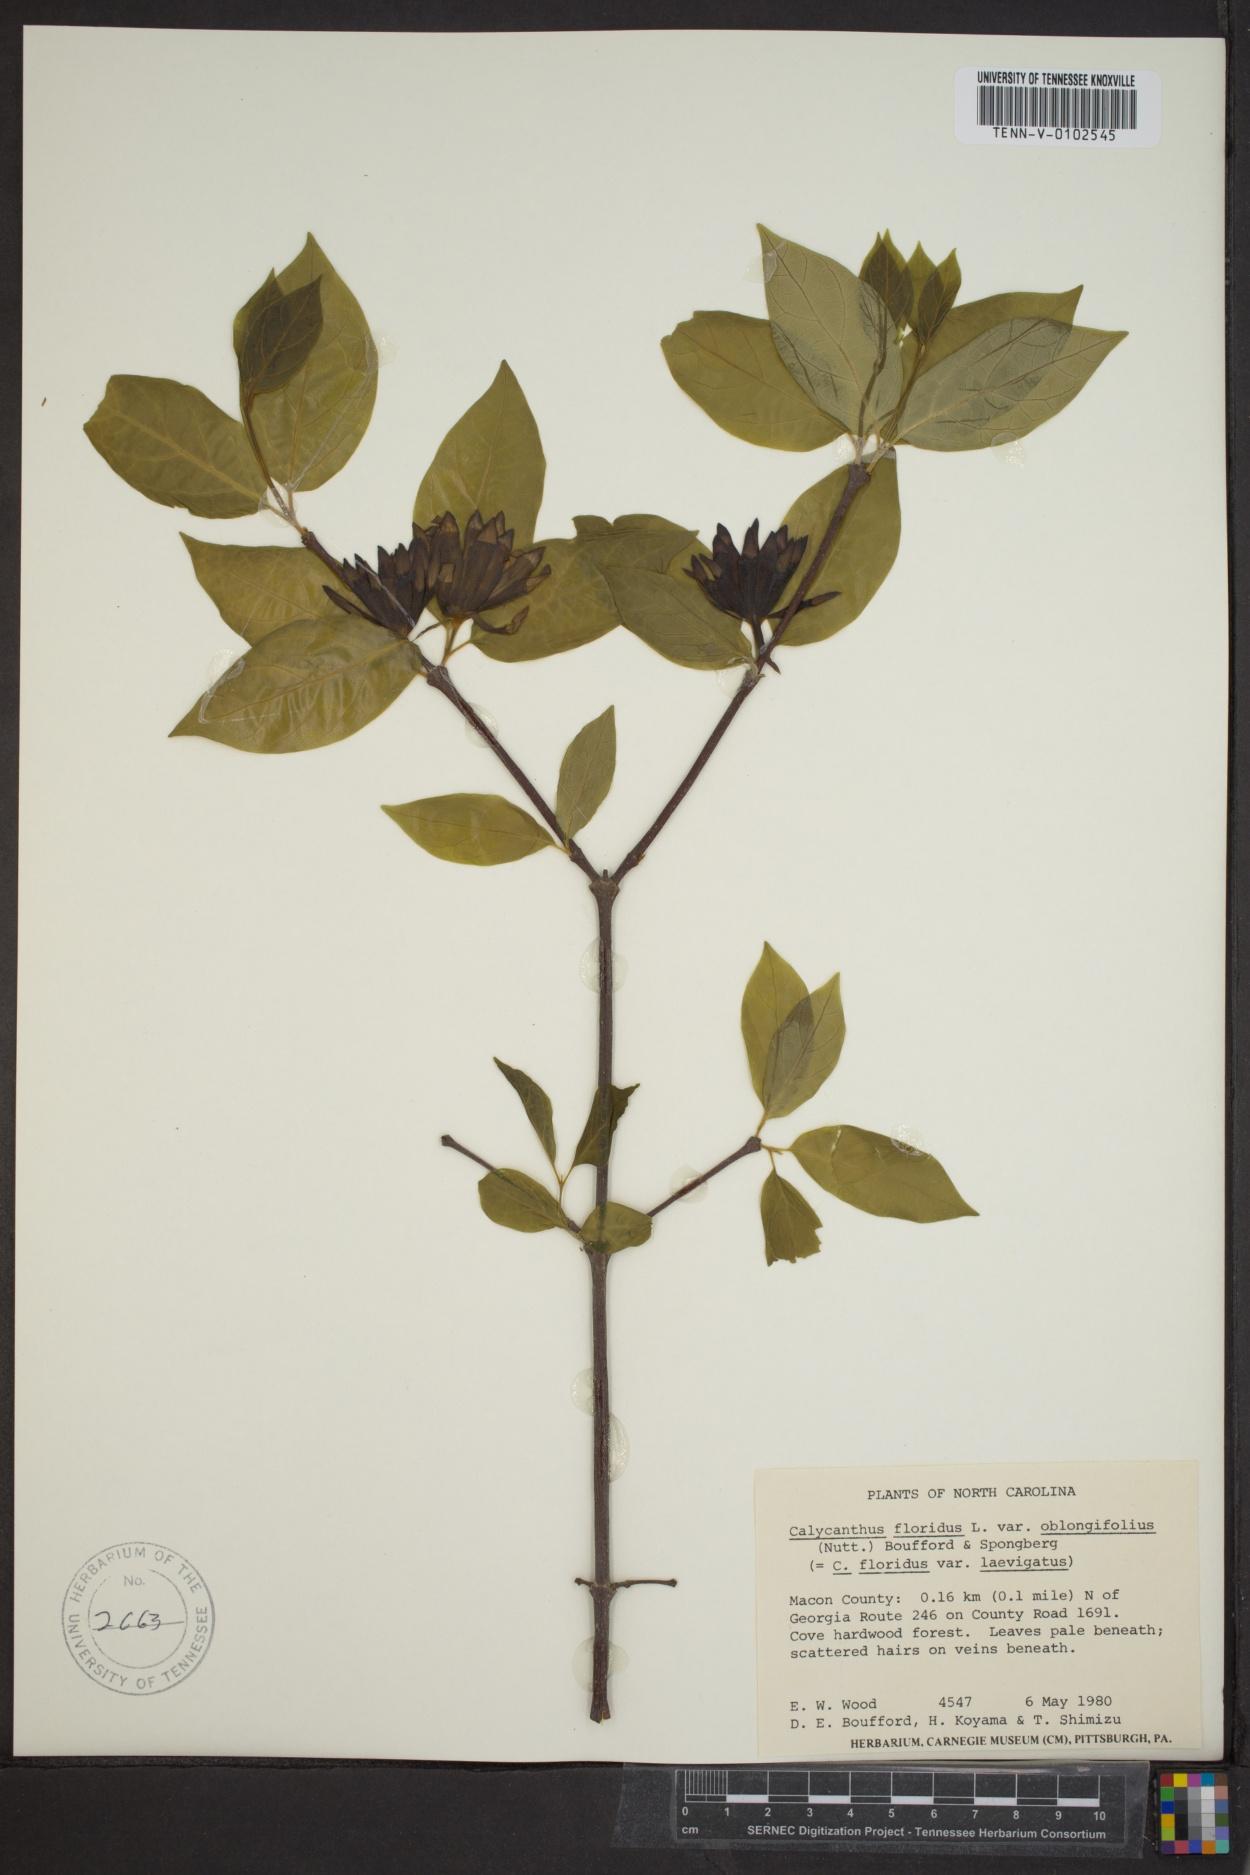 Calycanthus floridus var. oblongifolius image